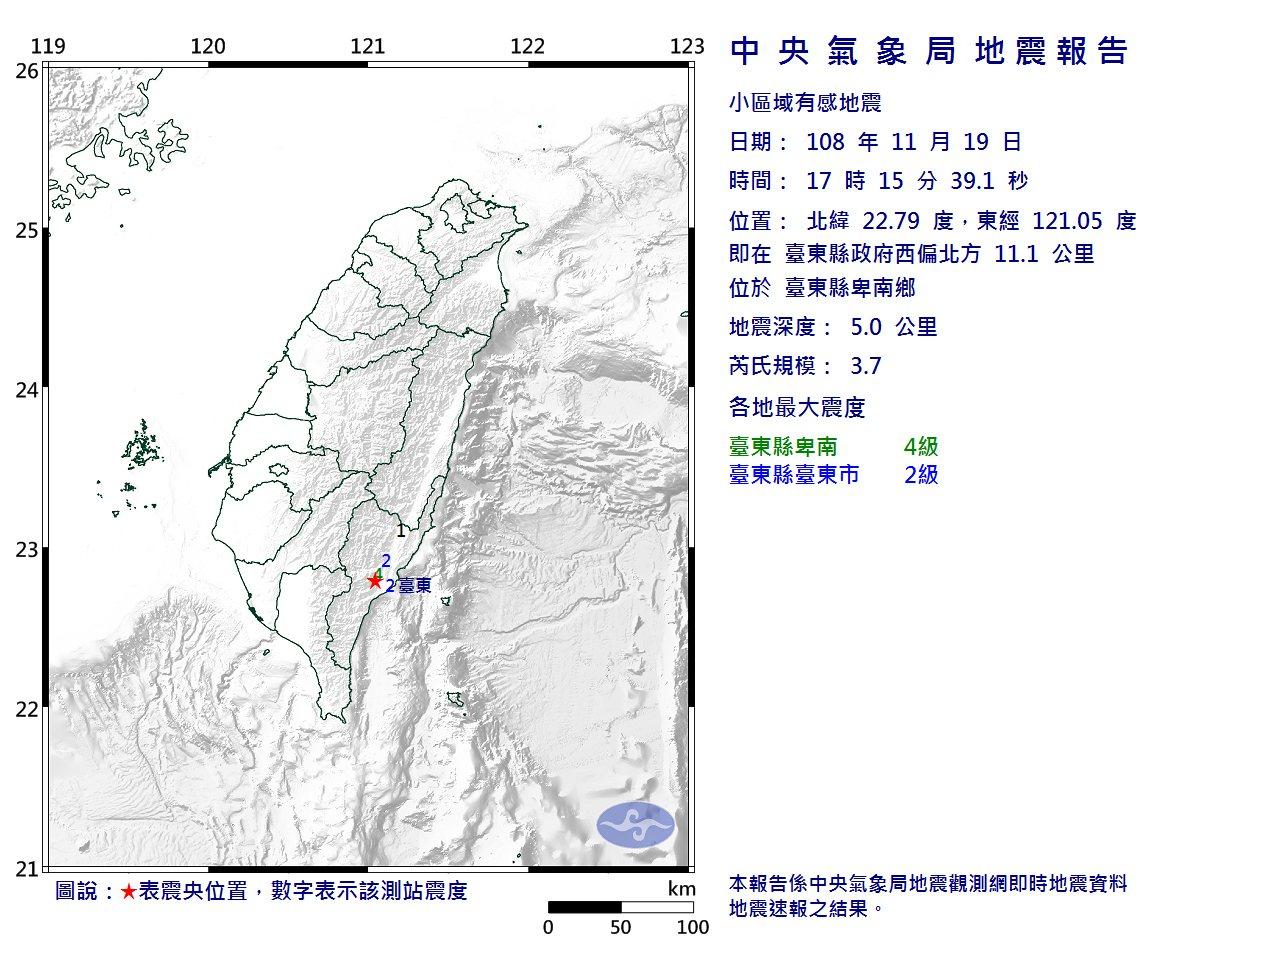 19日下午5時15分發生芮氏規模3.7地震,地震深度5公里,震央位於台東縣政府西...